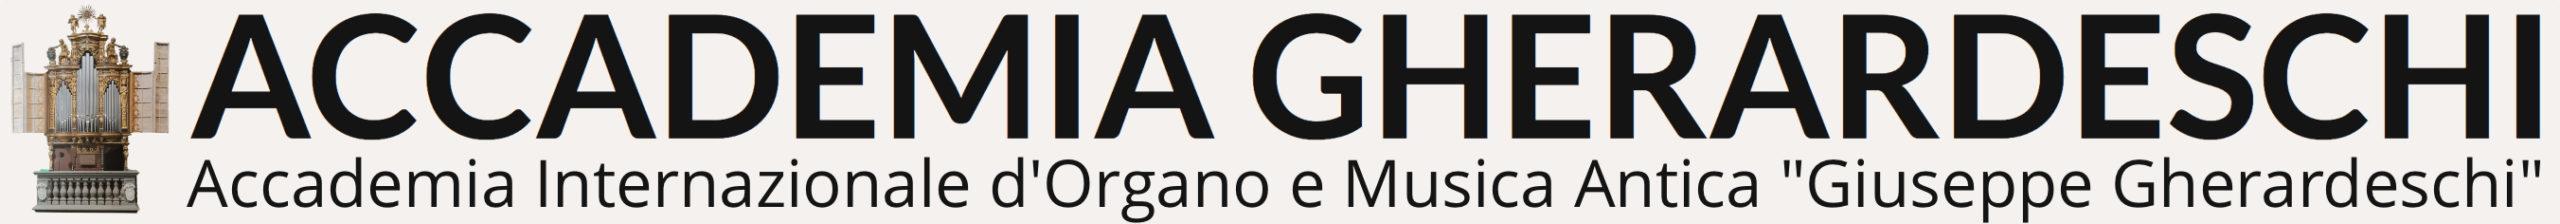 """Accademia Internazionale d'Organo e Musica Antica """"Giuseppe Gherardeschi"""""""